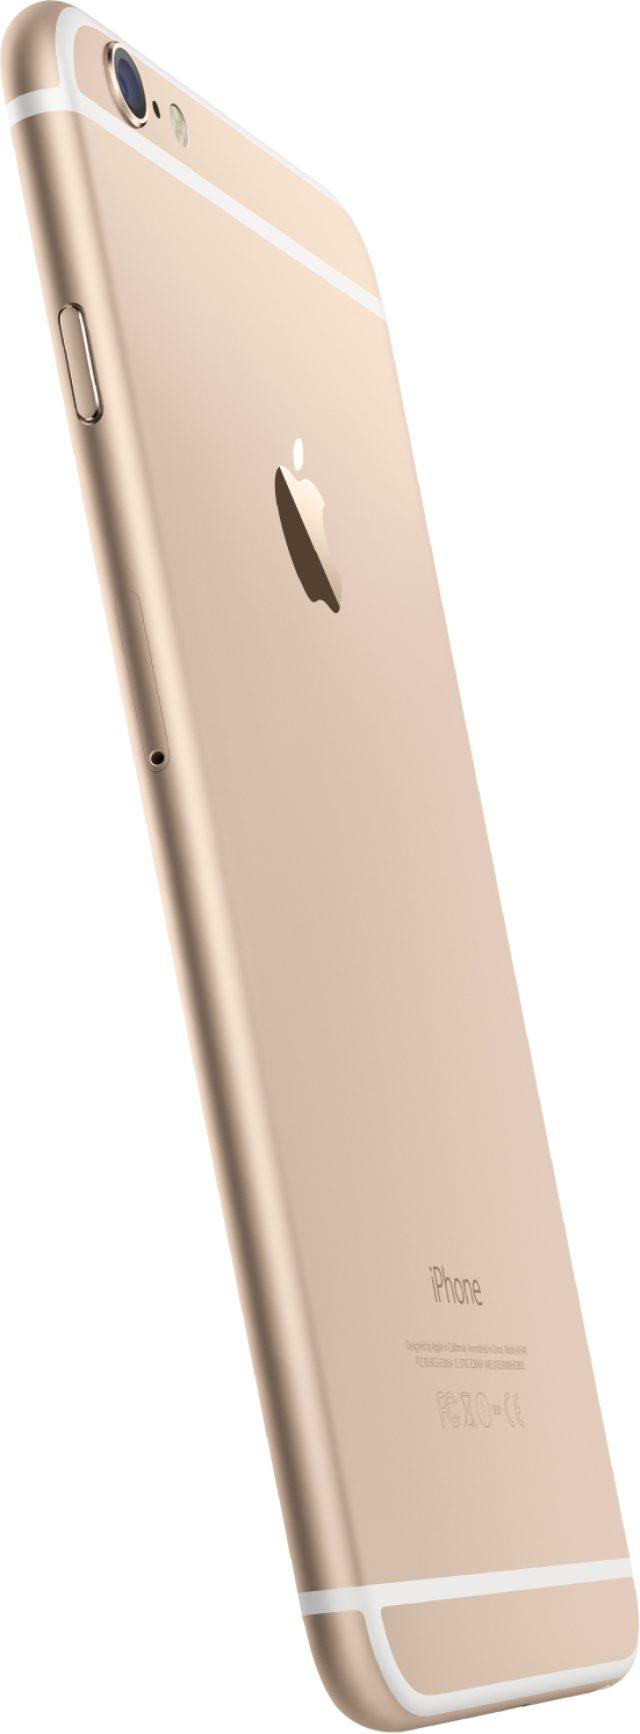 画像: iPhone 6 Plusを予約注文してしまったぜ。